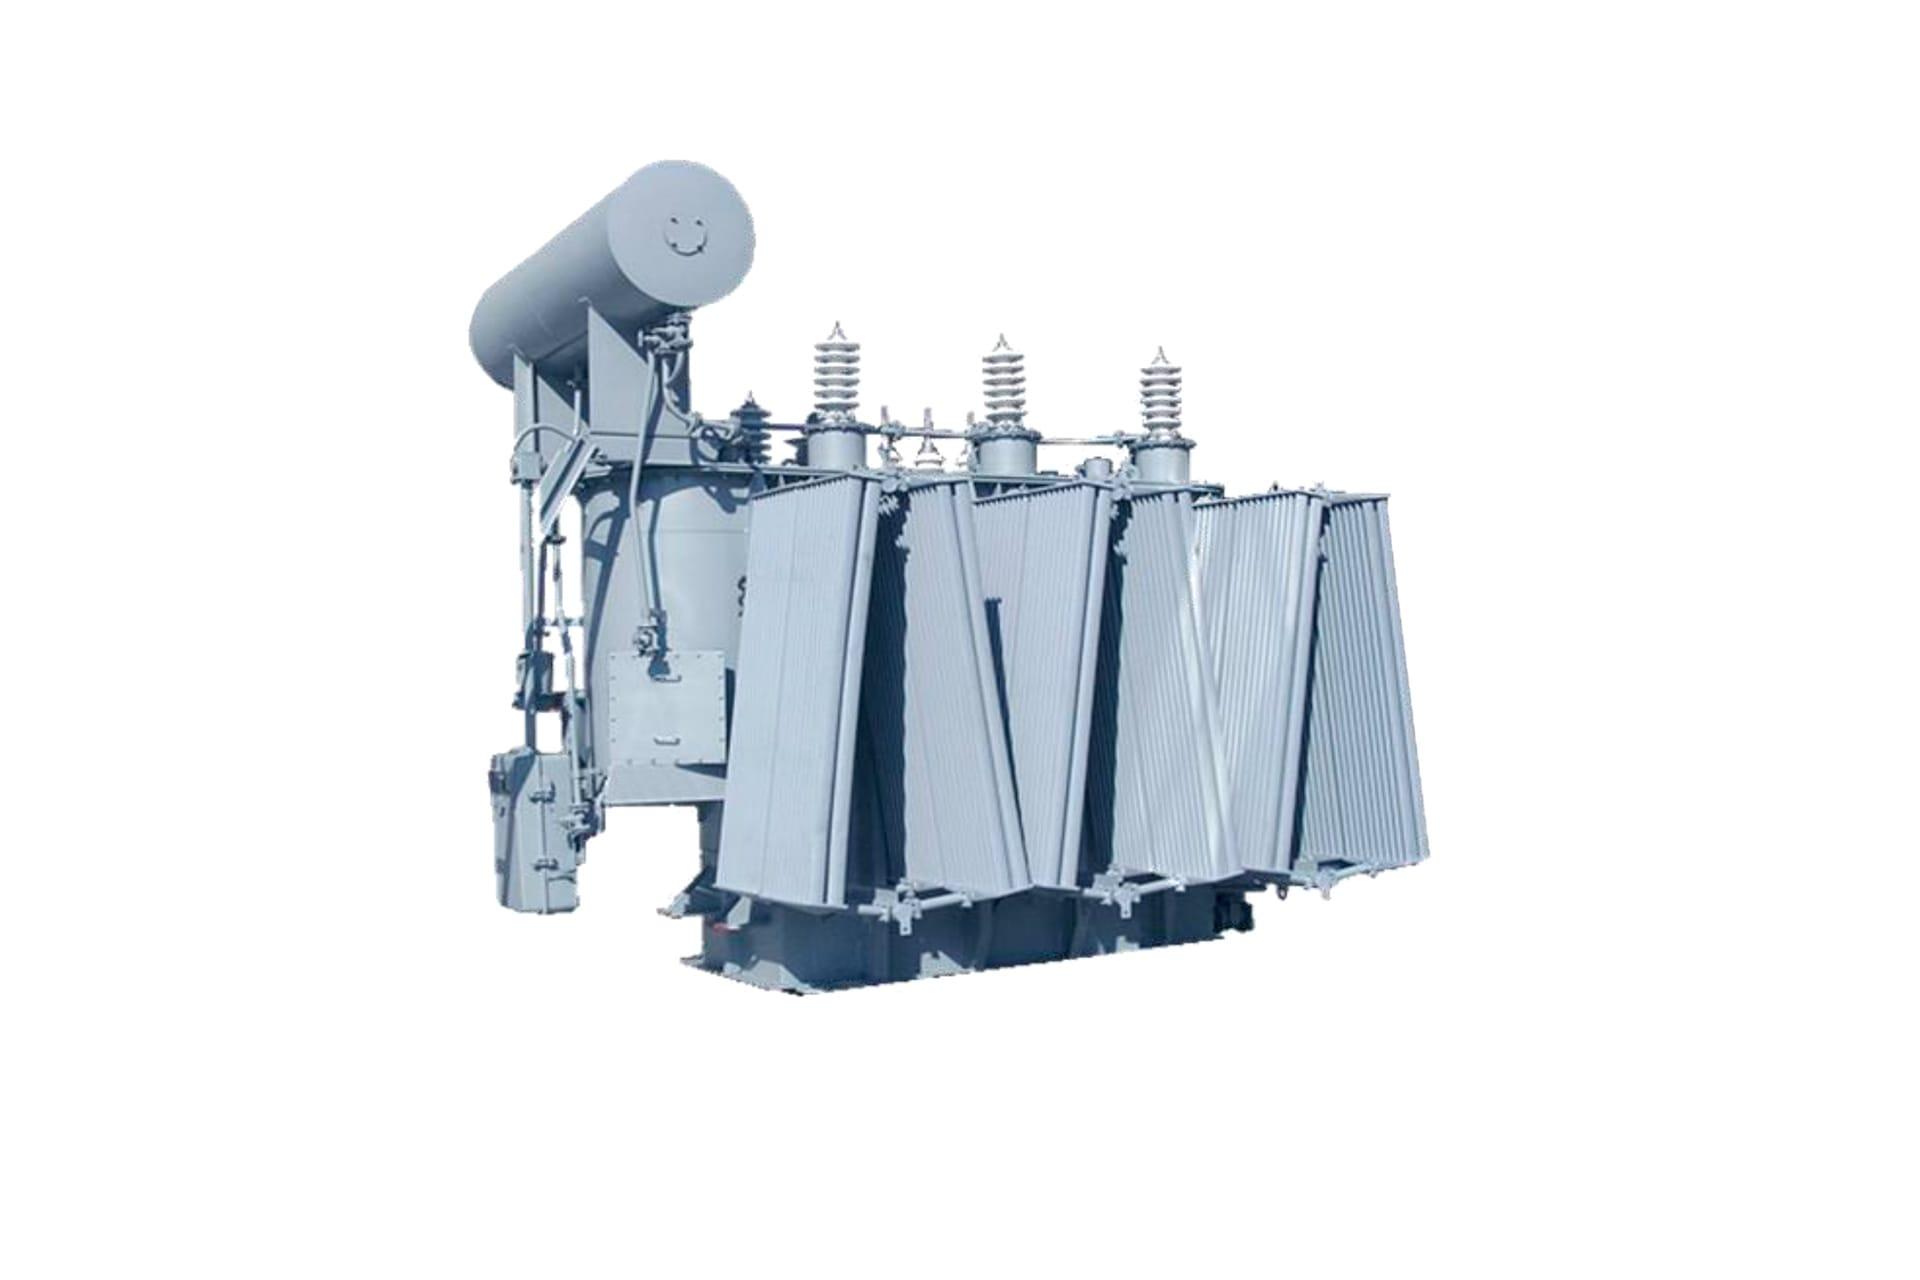 Ensons - Общий вид масляного трансформатора ТДНС, ТРДНС 35 кВ